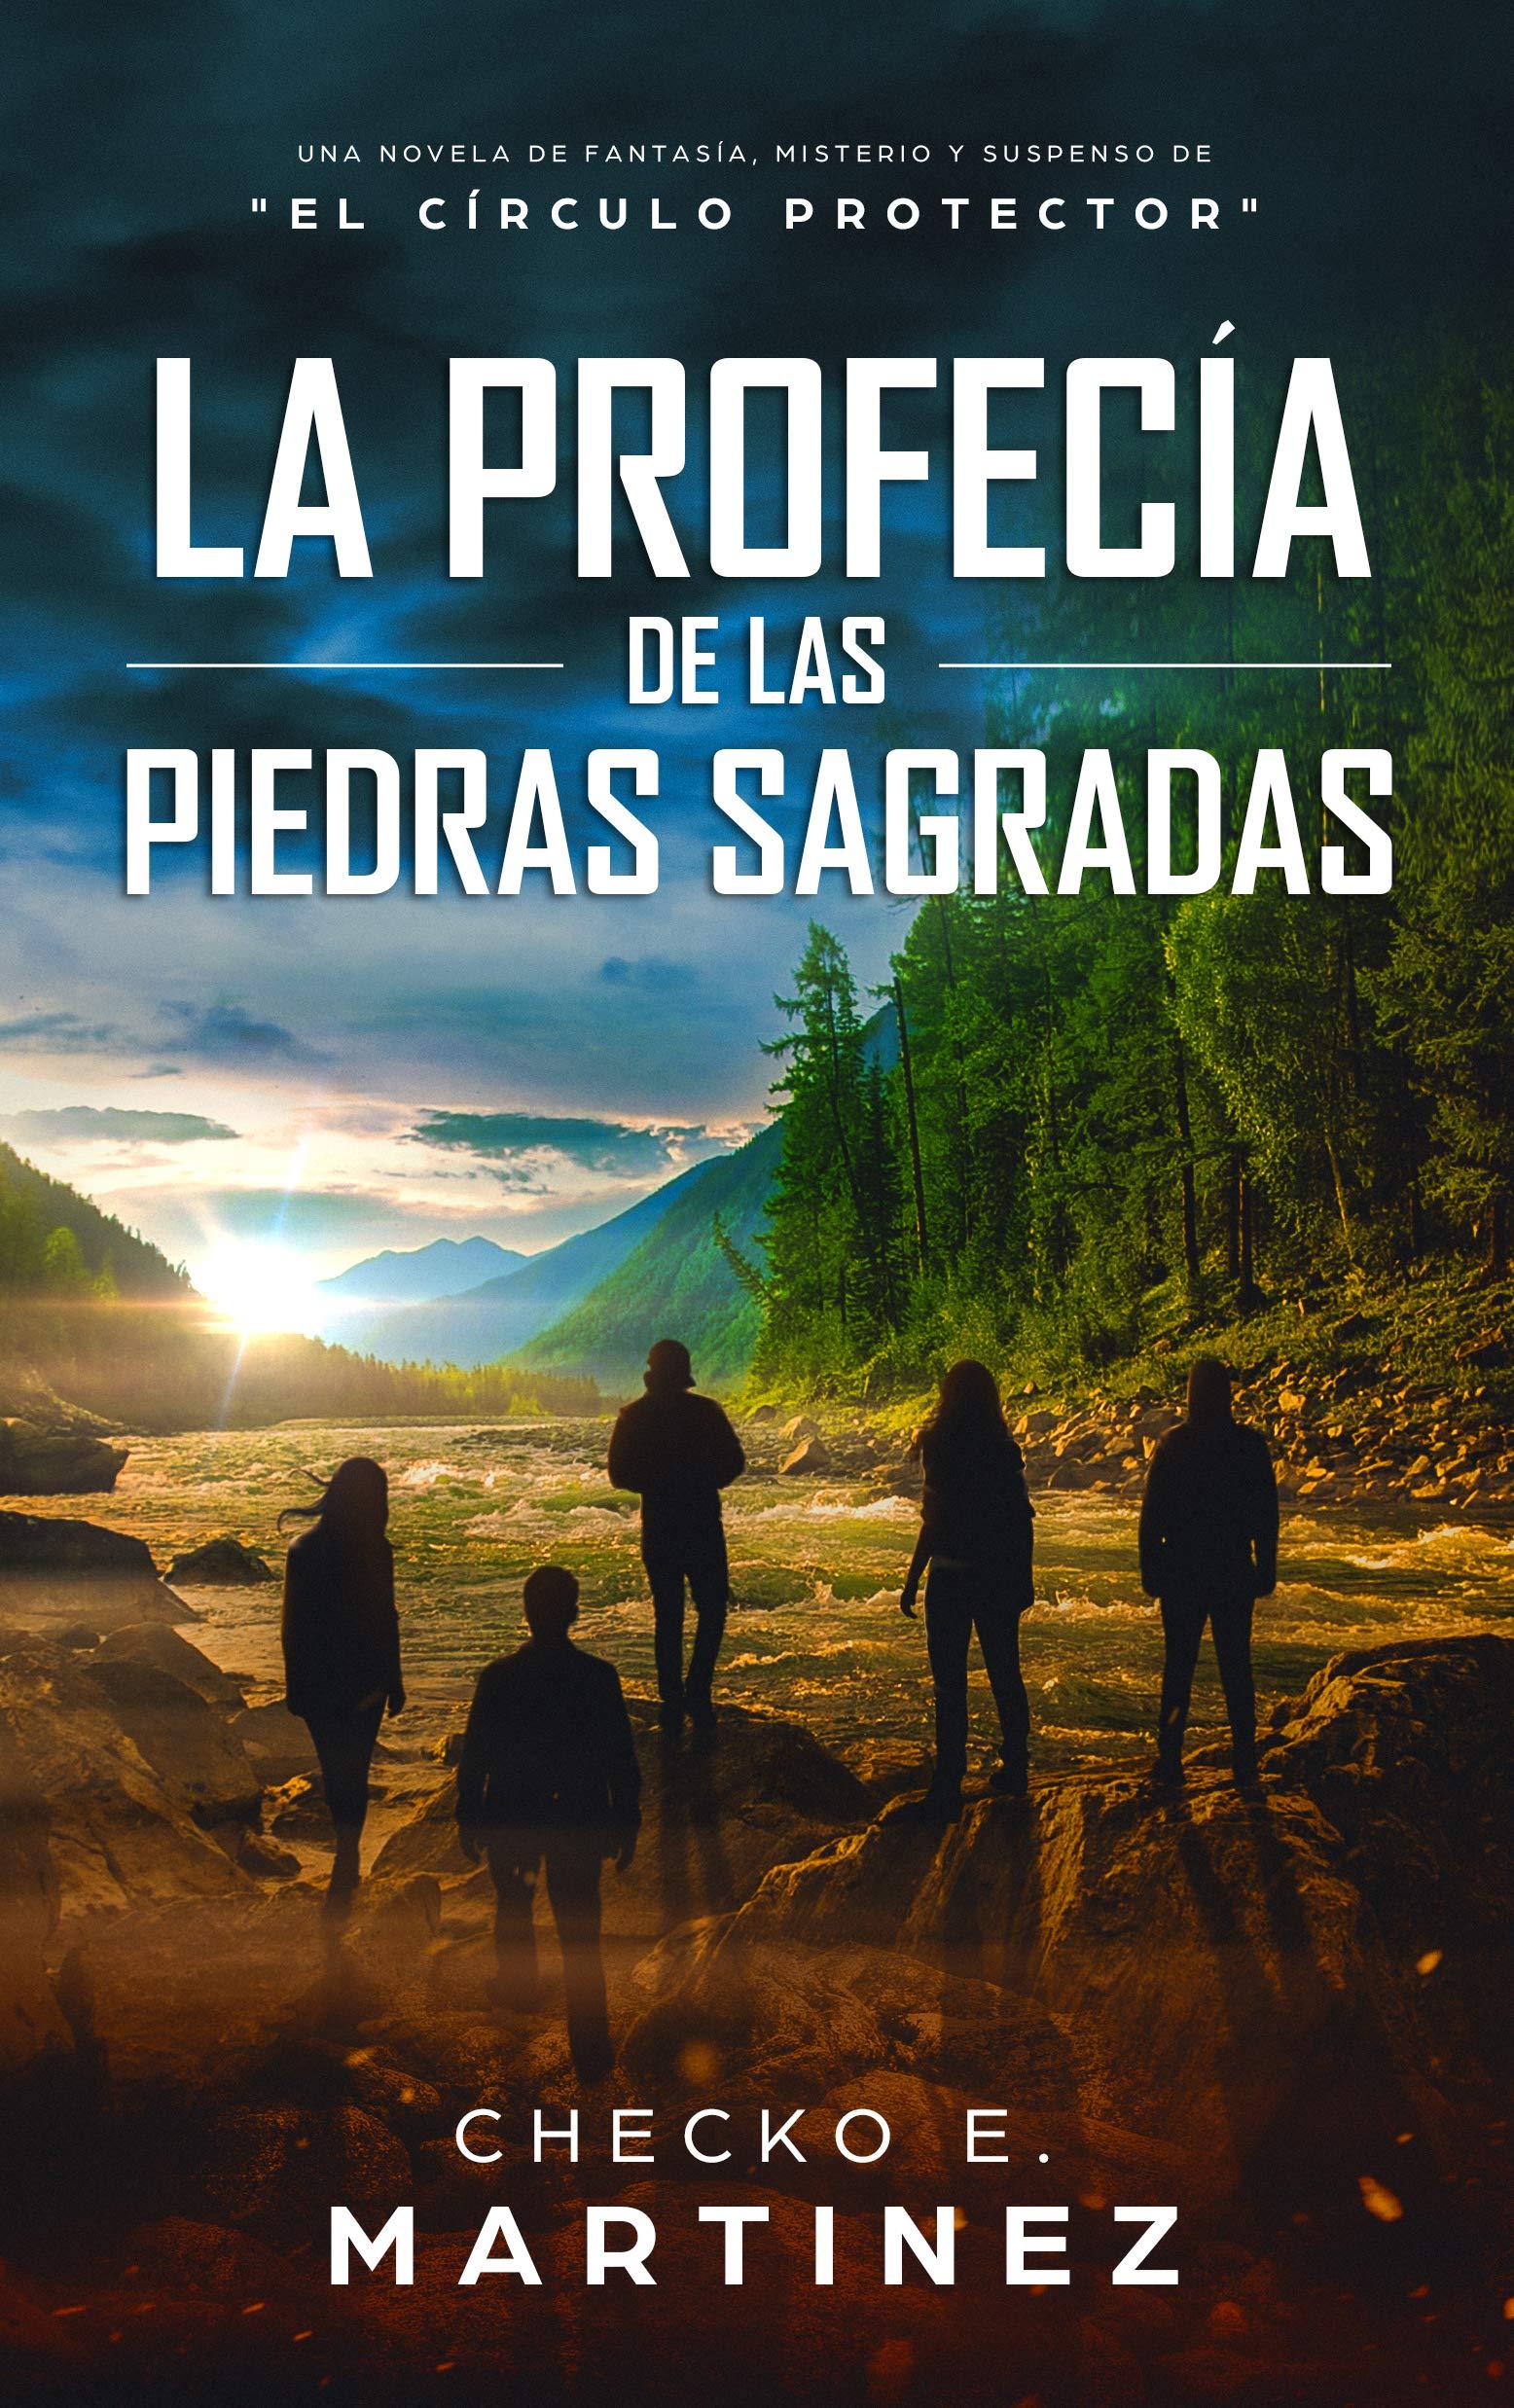 La Profecía de las Piedras Sagradas: Una novela de fantasía, misterio y suspenso (El Círculo Protector nº 5) por Checko E. Martinez